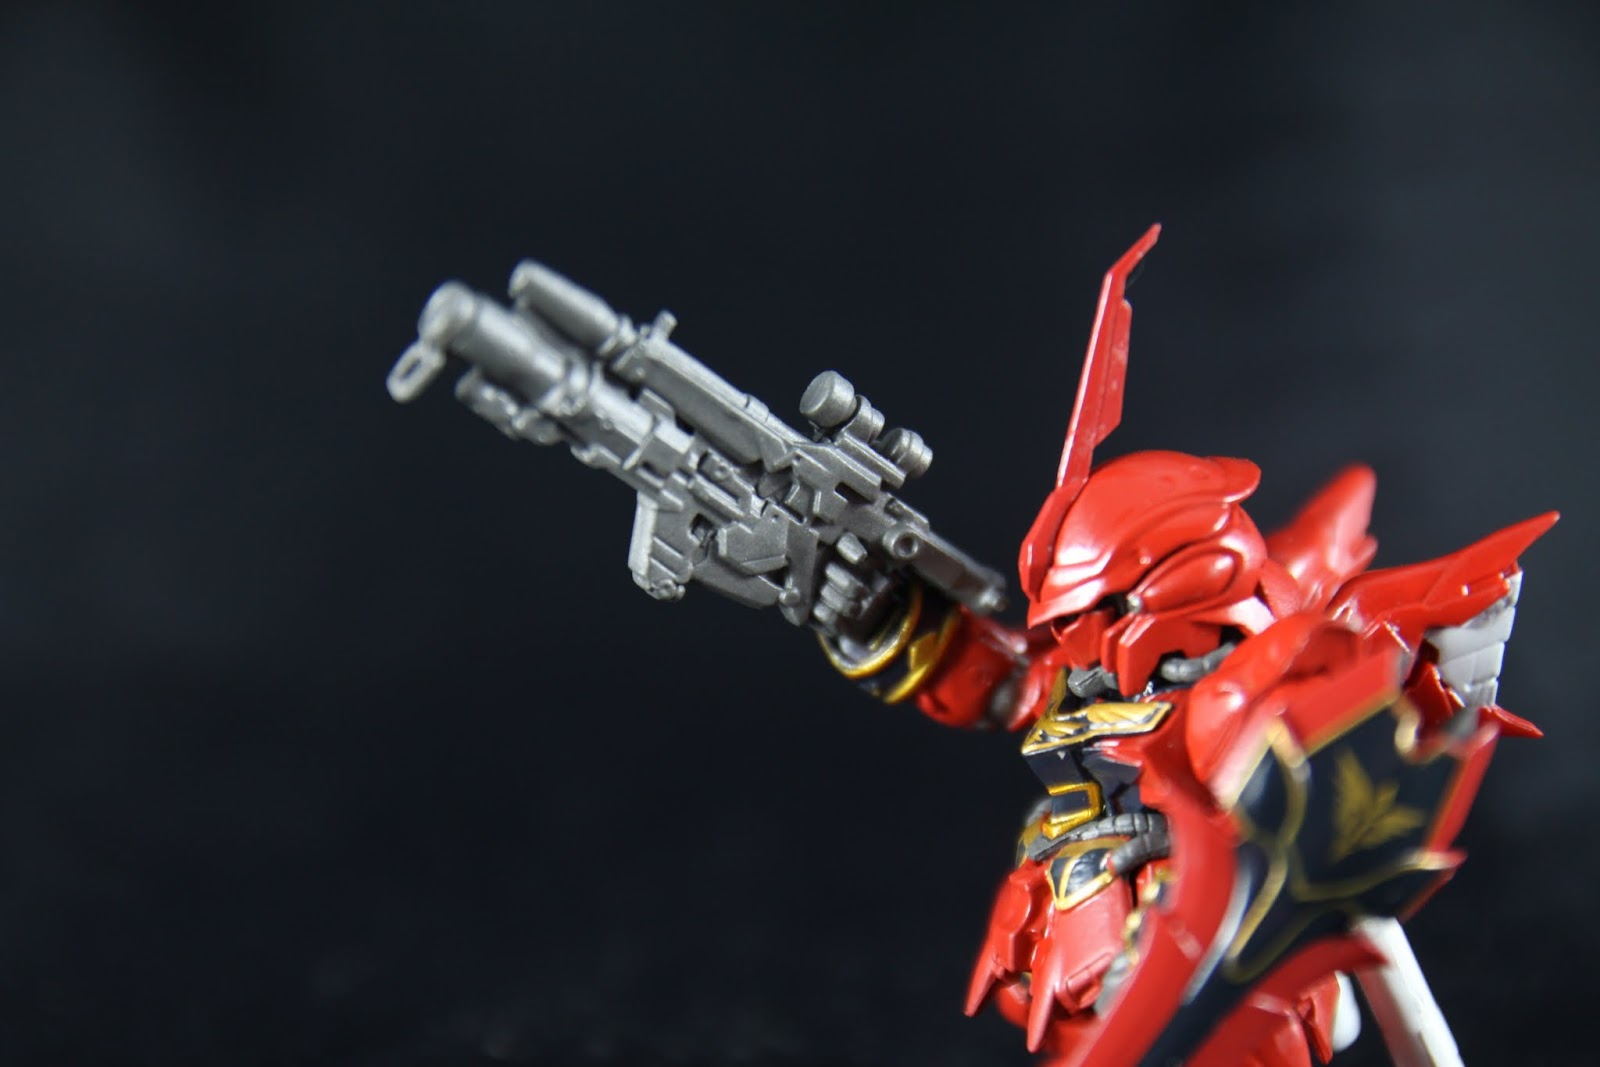 這就是本款的武器-Bazooka 在動畫第五話最後登場發了一砲 基本成型是以原本專用光束步槍為基底 外掛火箭炮的炮身與彈匣